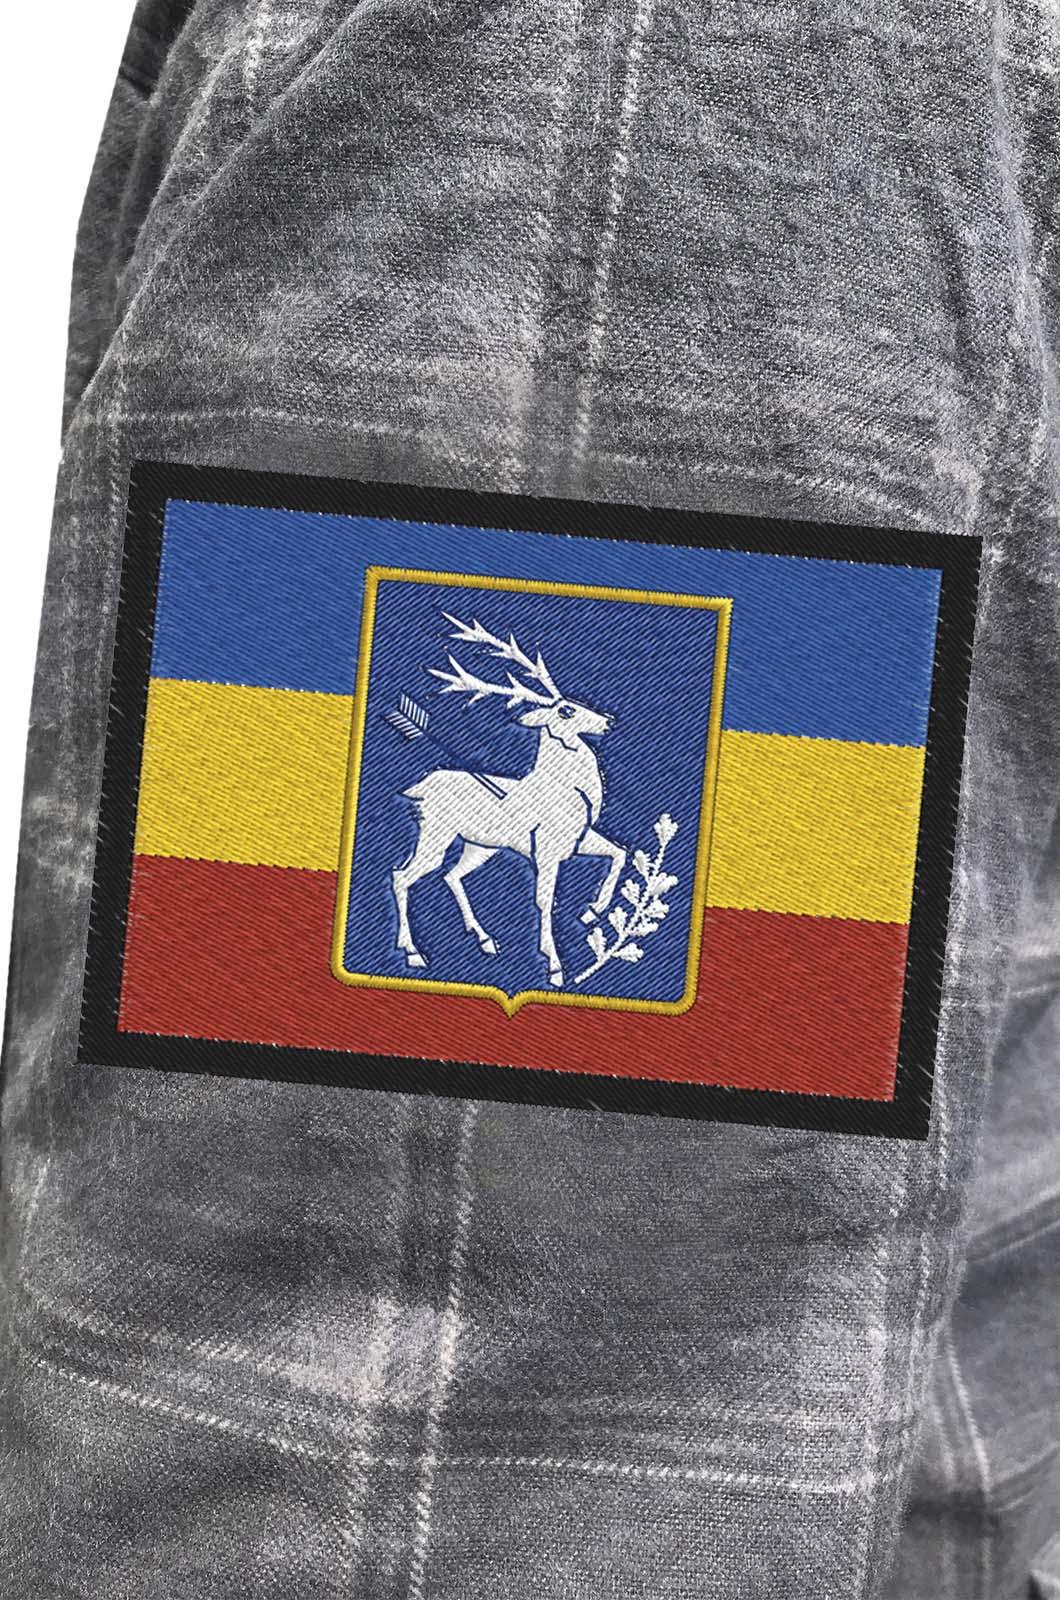 Строгая рубашка с вышитым казачьим шевроном Елень - купить в подарок